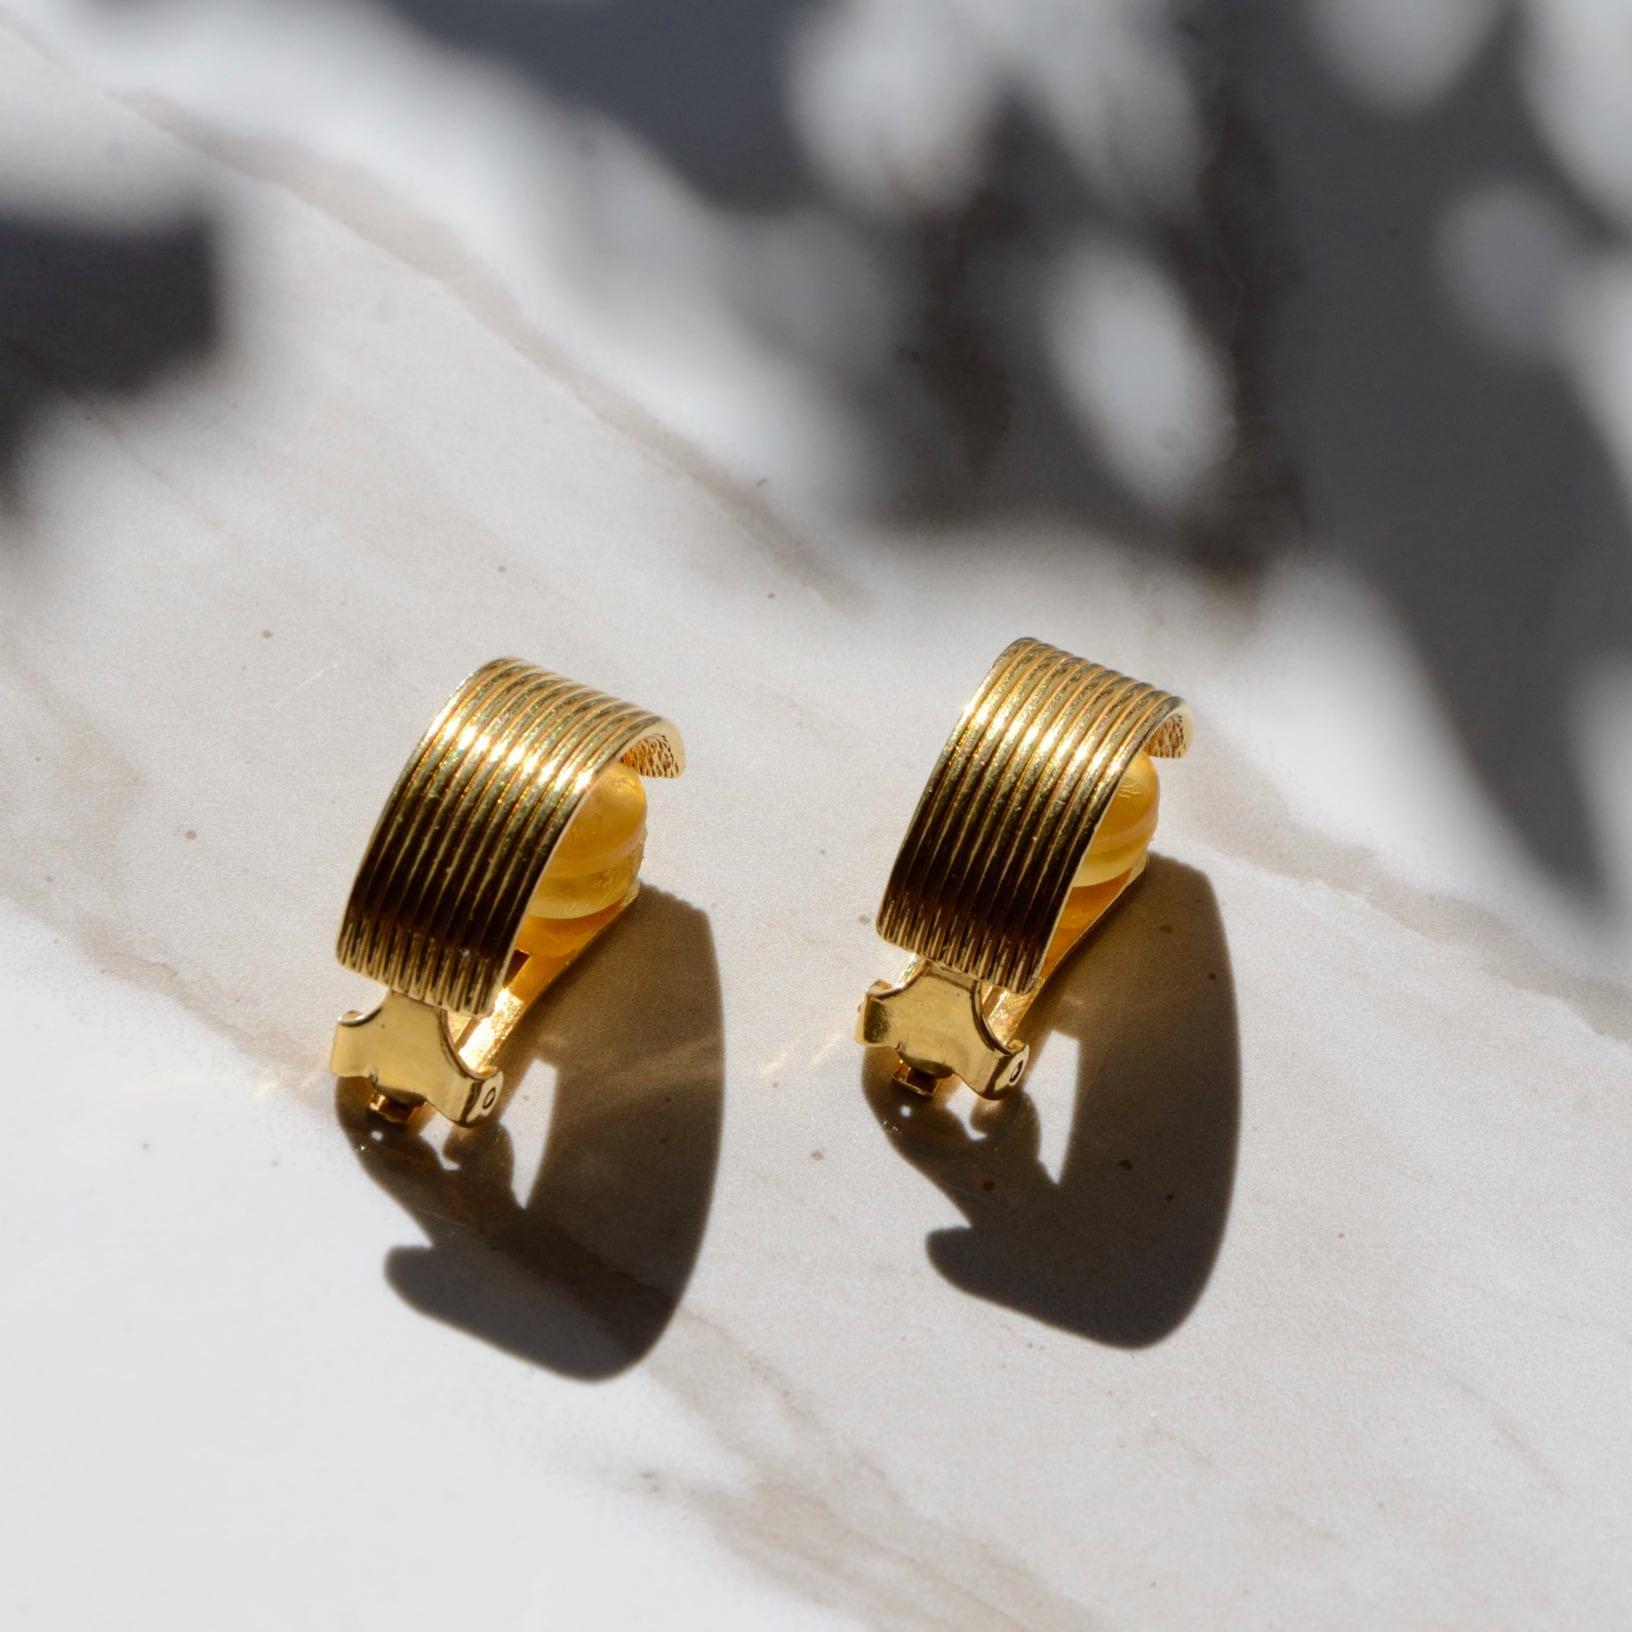 《Dior/ディオール》のシンプルなゴールドイヤリング